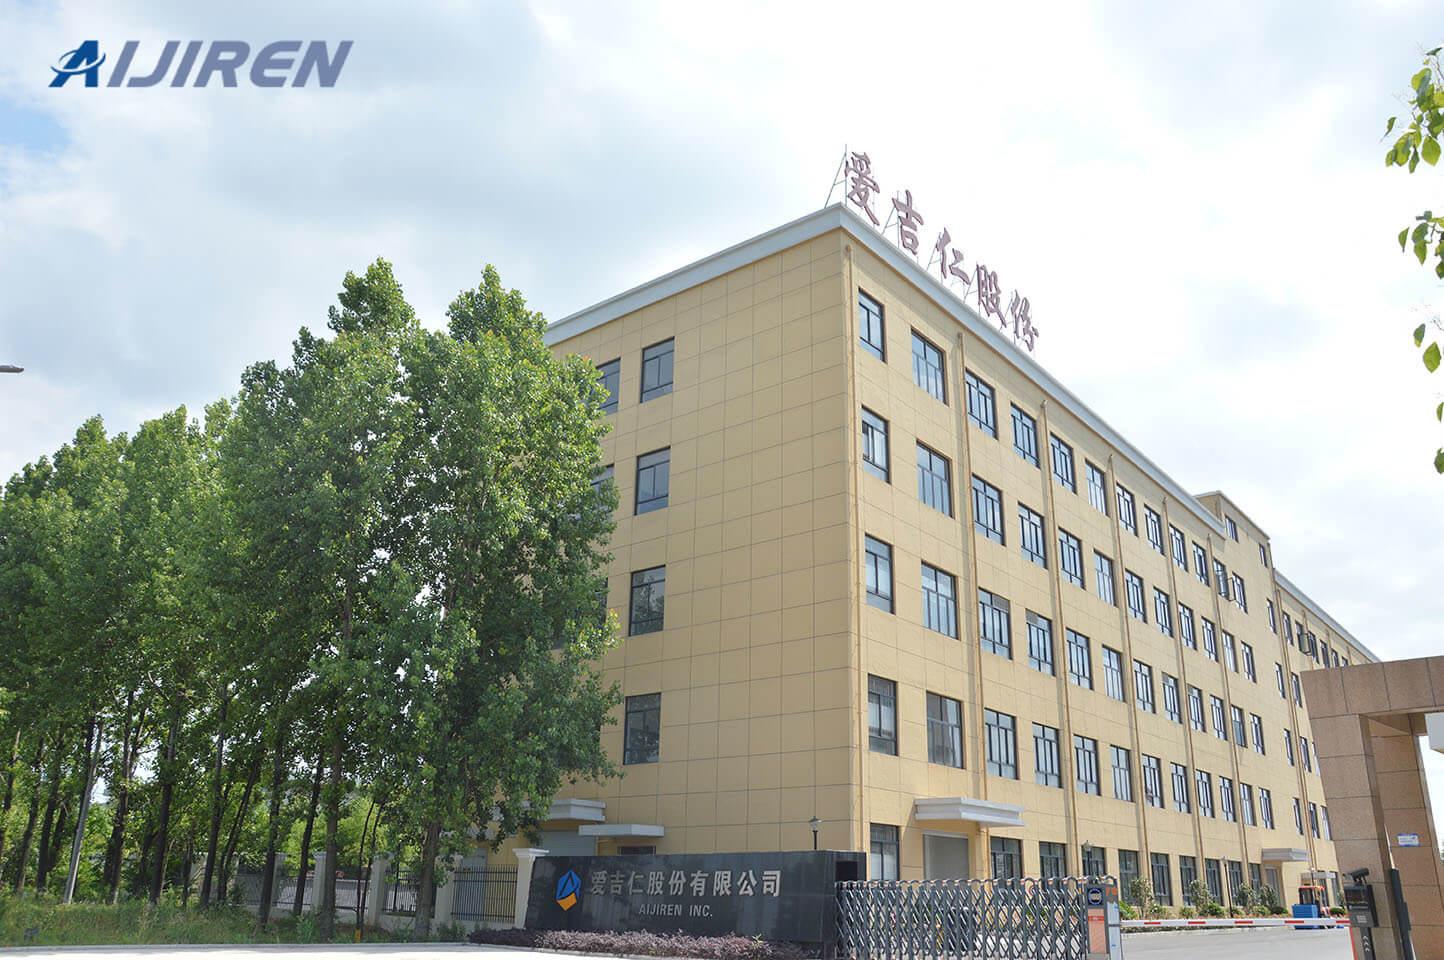 Aijiren's Factory